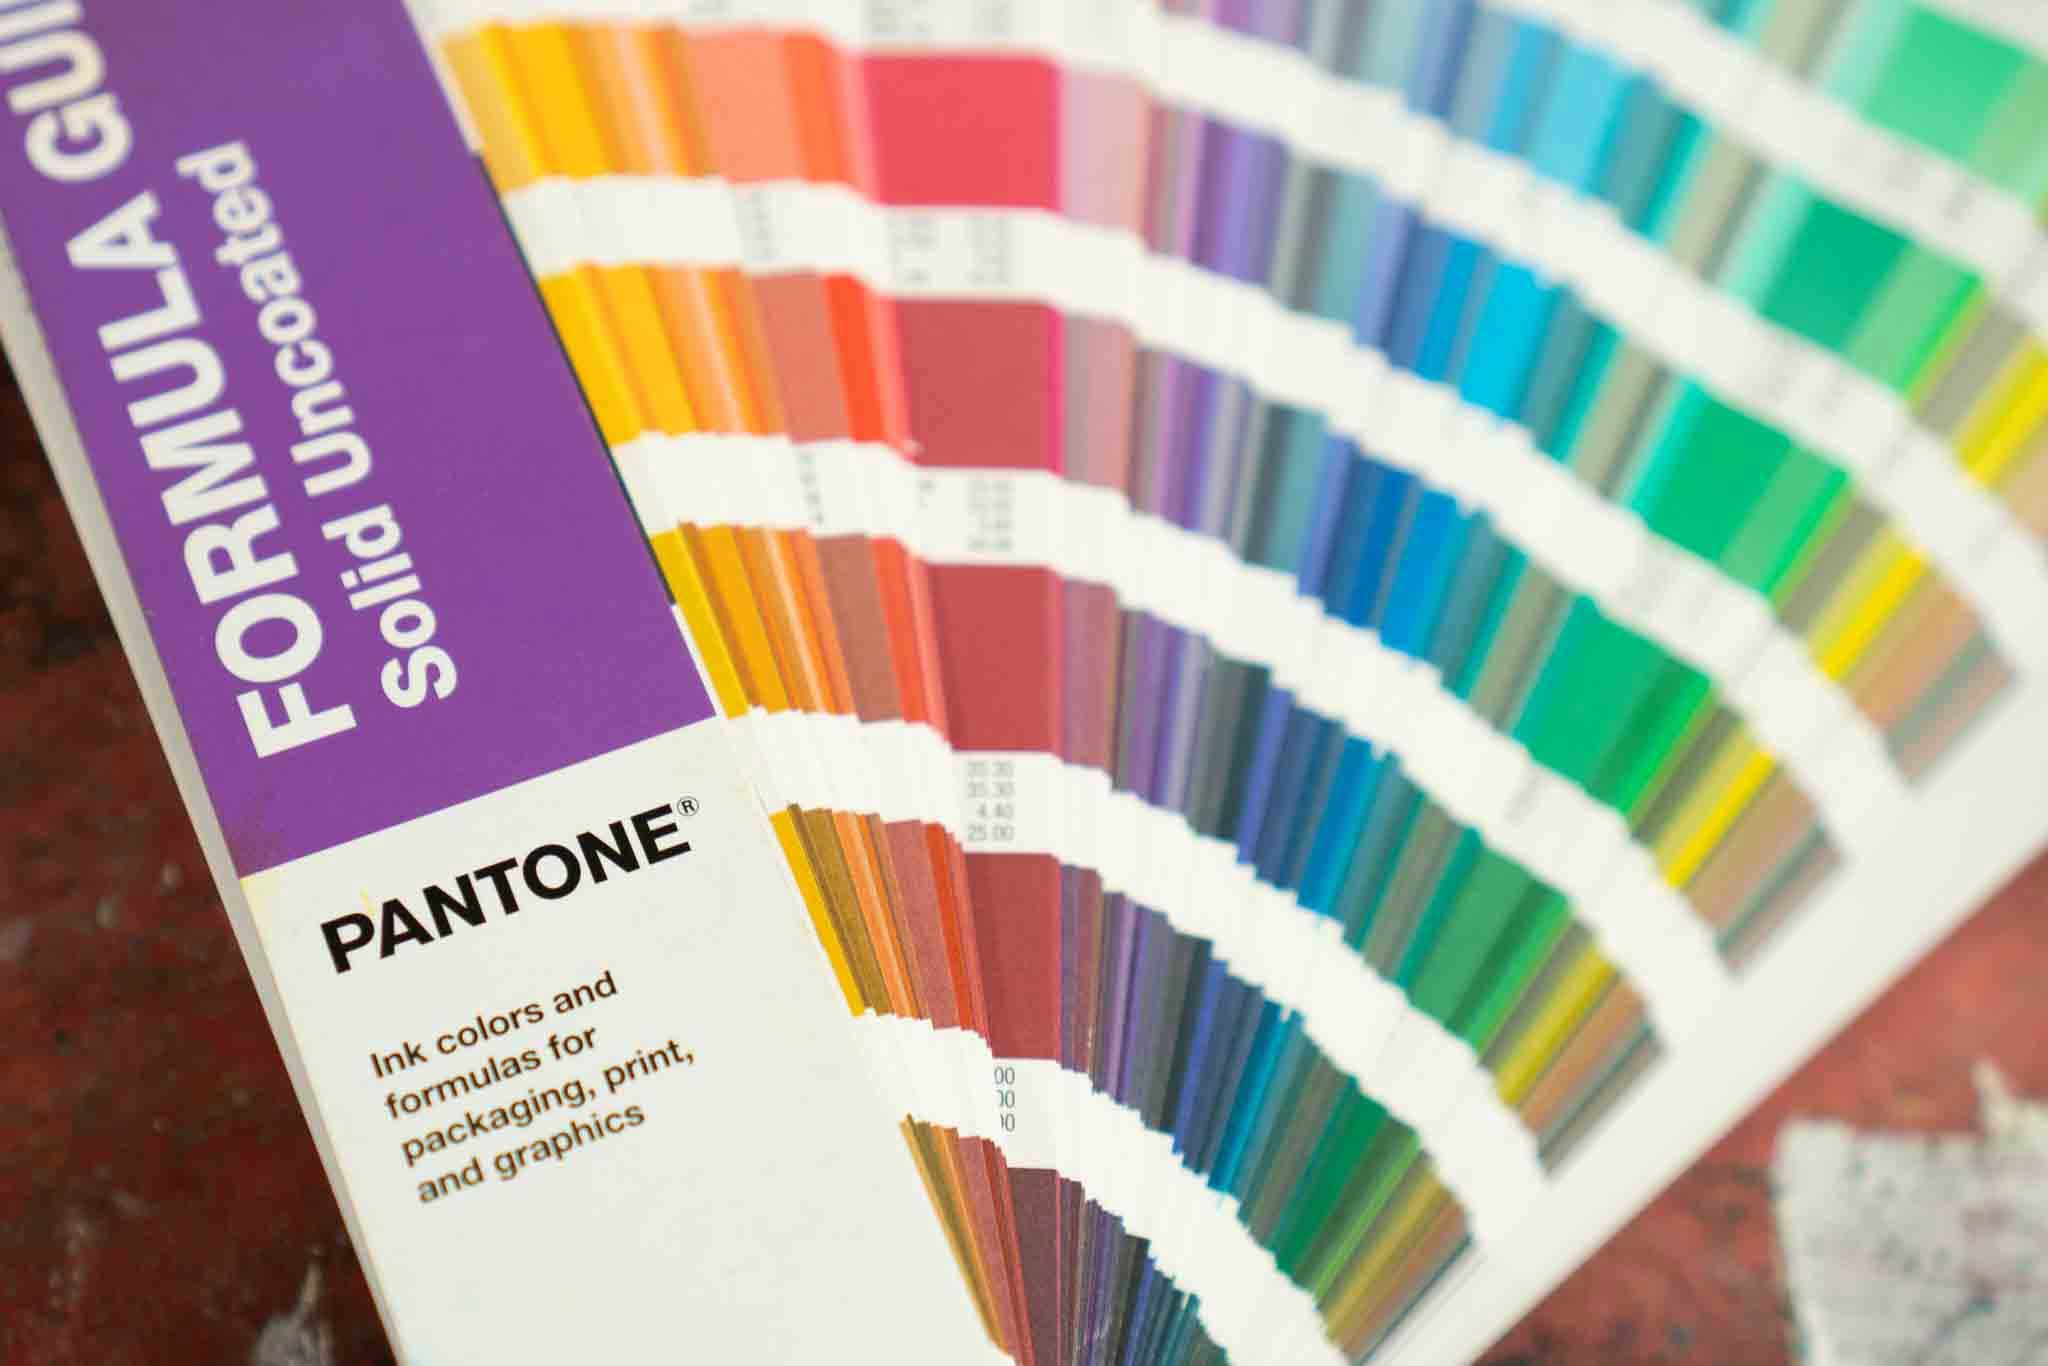 pantone book